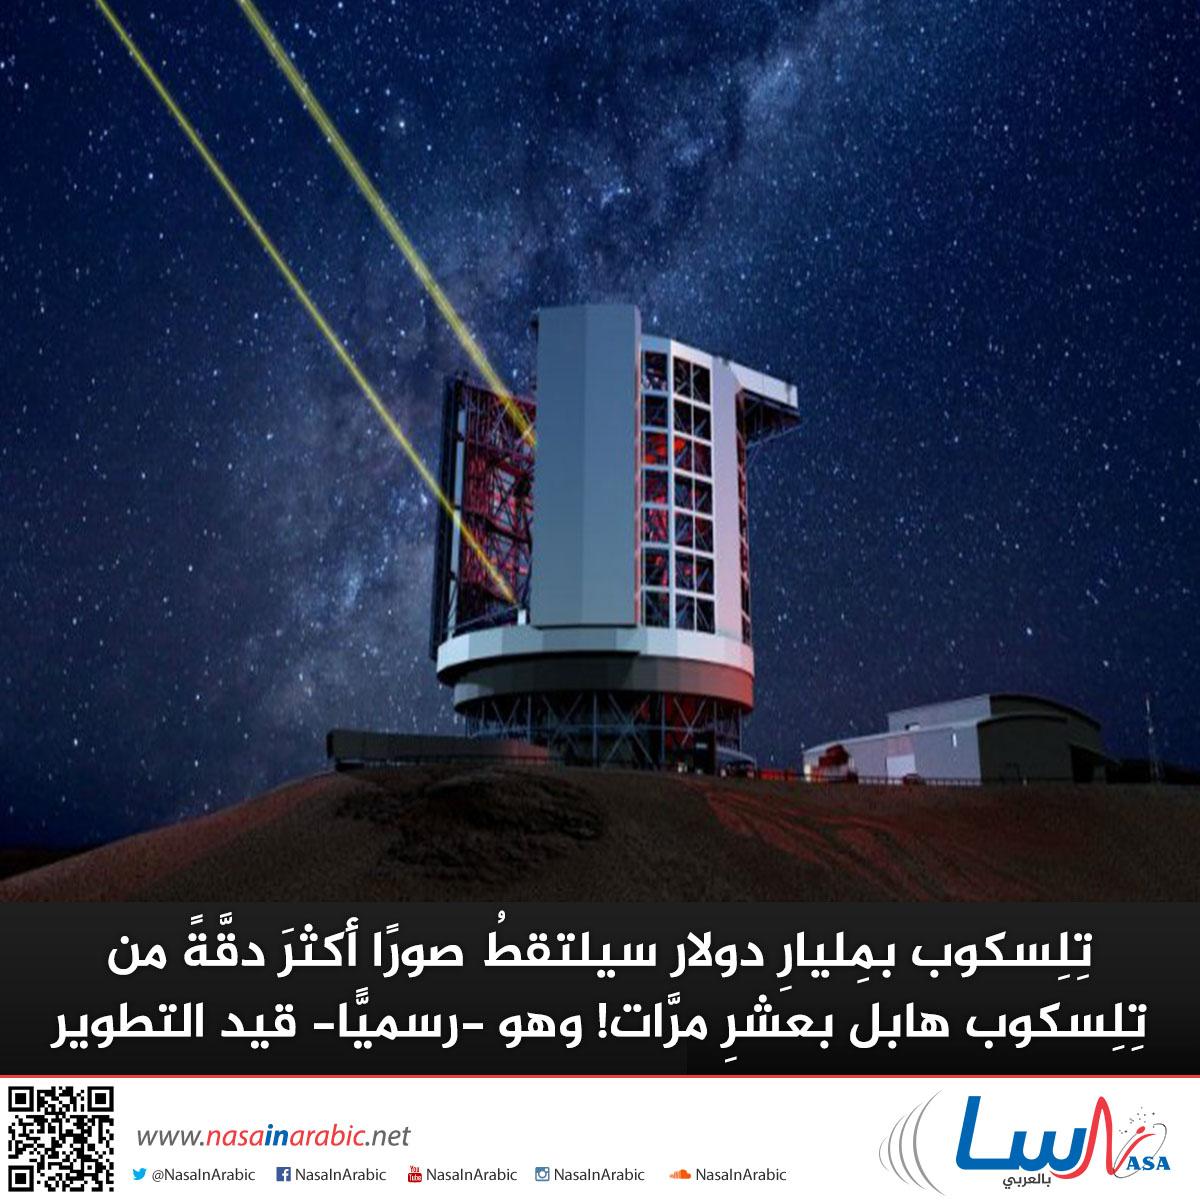 تعرف على تلسكوب ماجلان العملاق